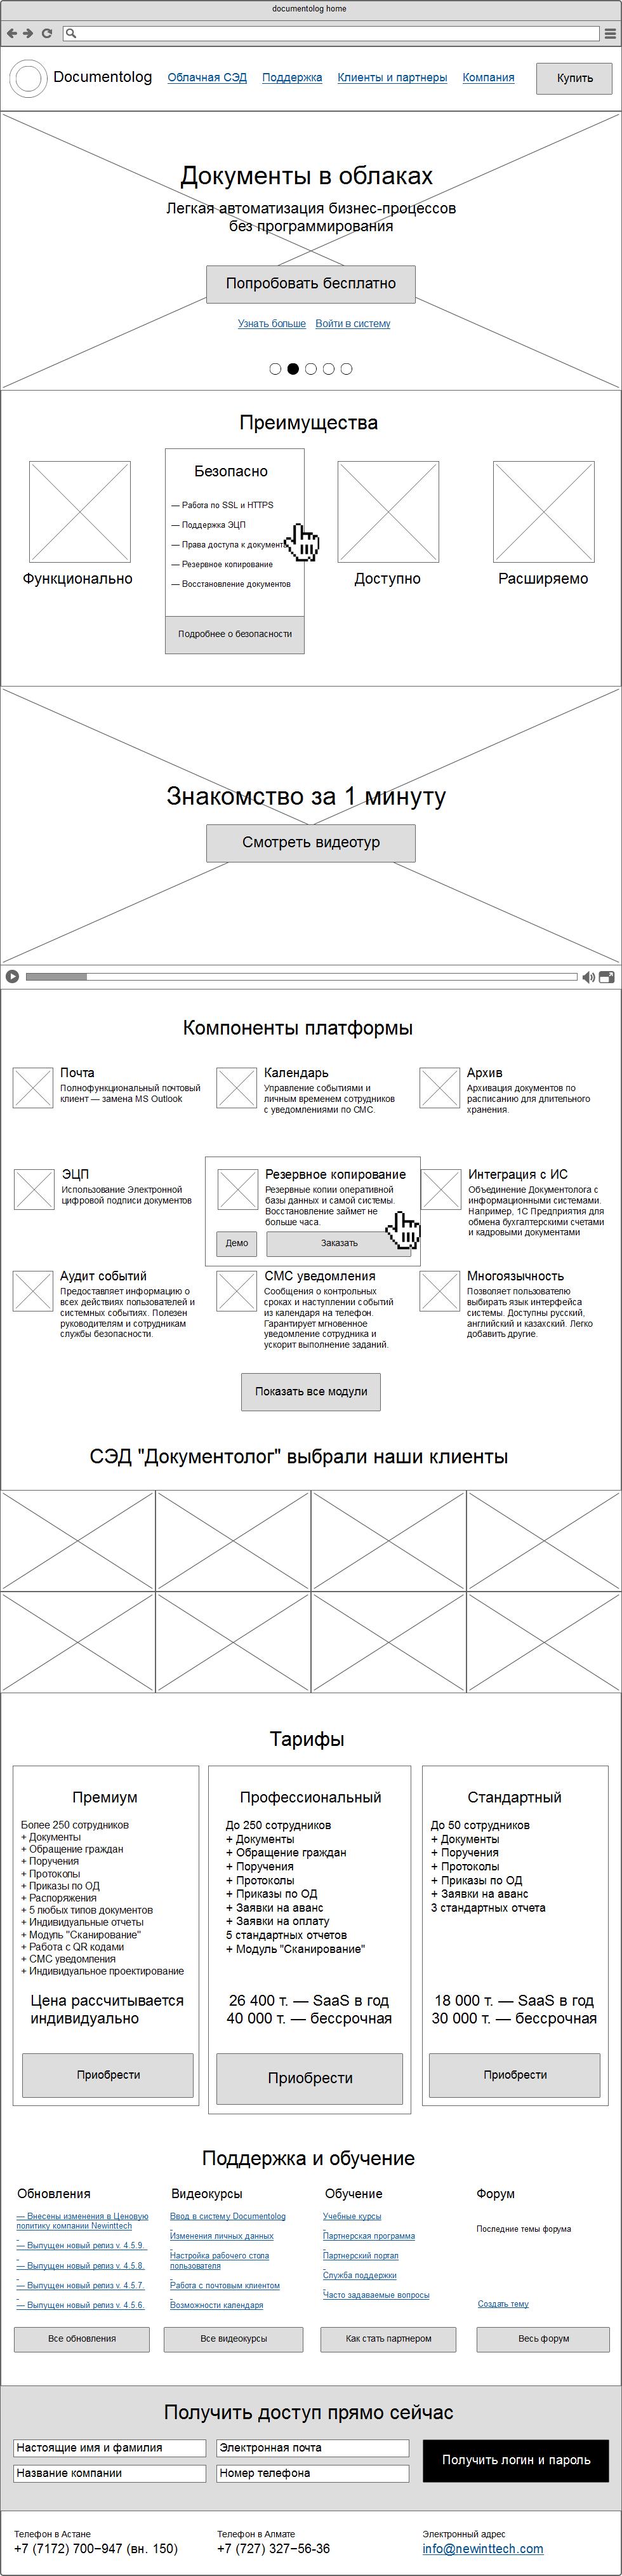 Прототипы сайта «Документолога» Сайт Артура Нецветаева — сайты, приложения, прототипы и оформление интерфейсов main 2